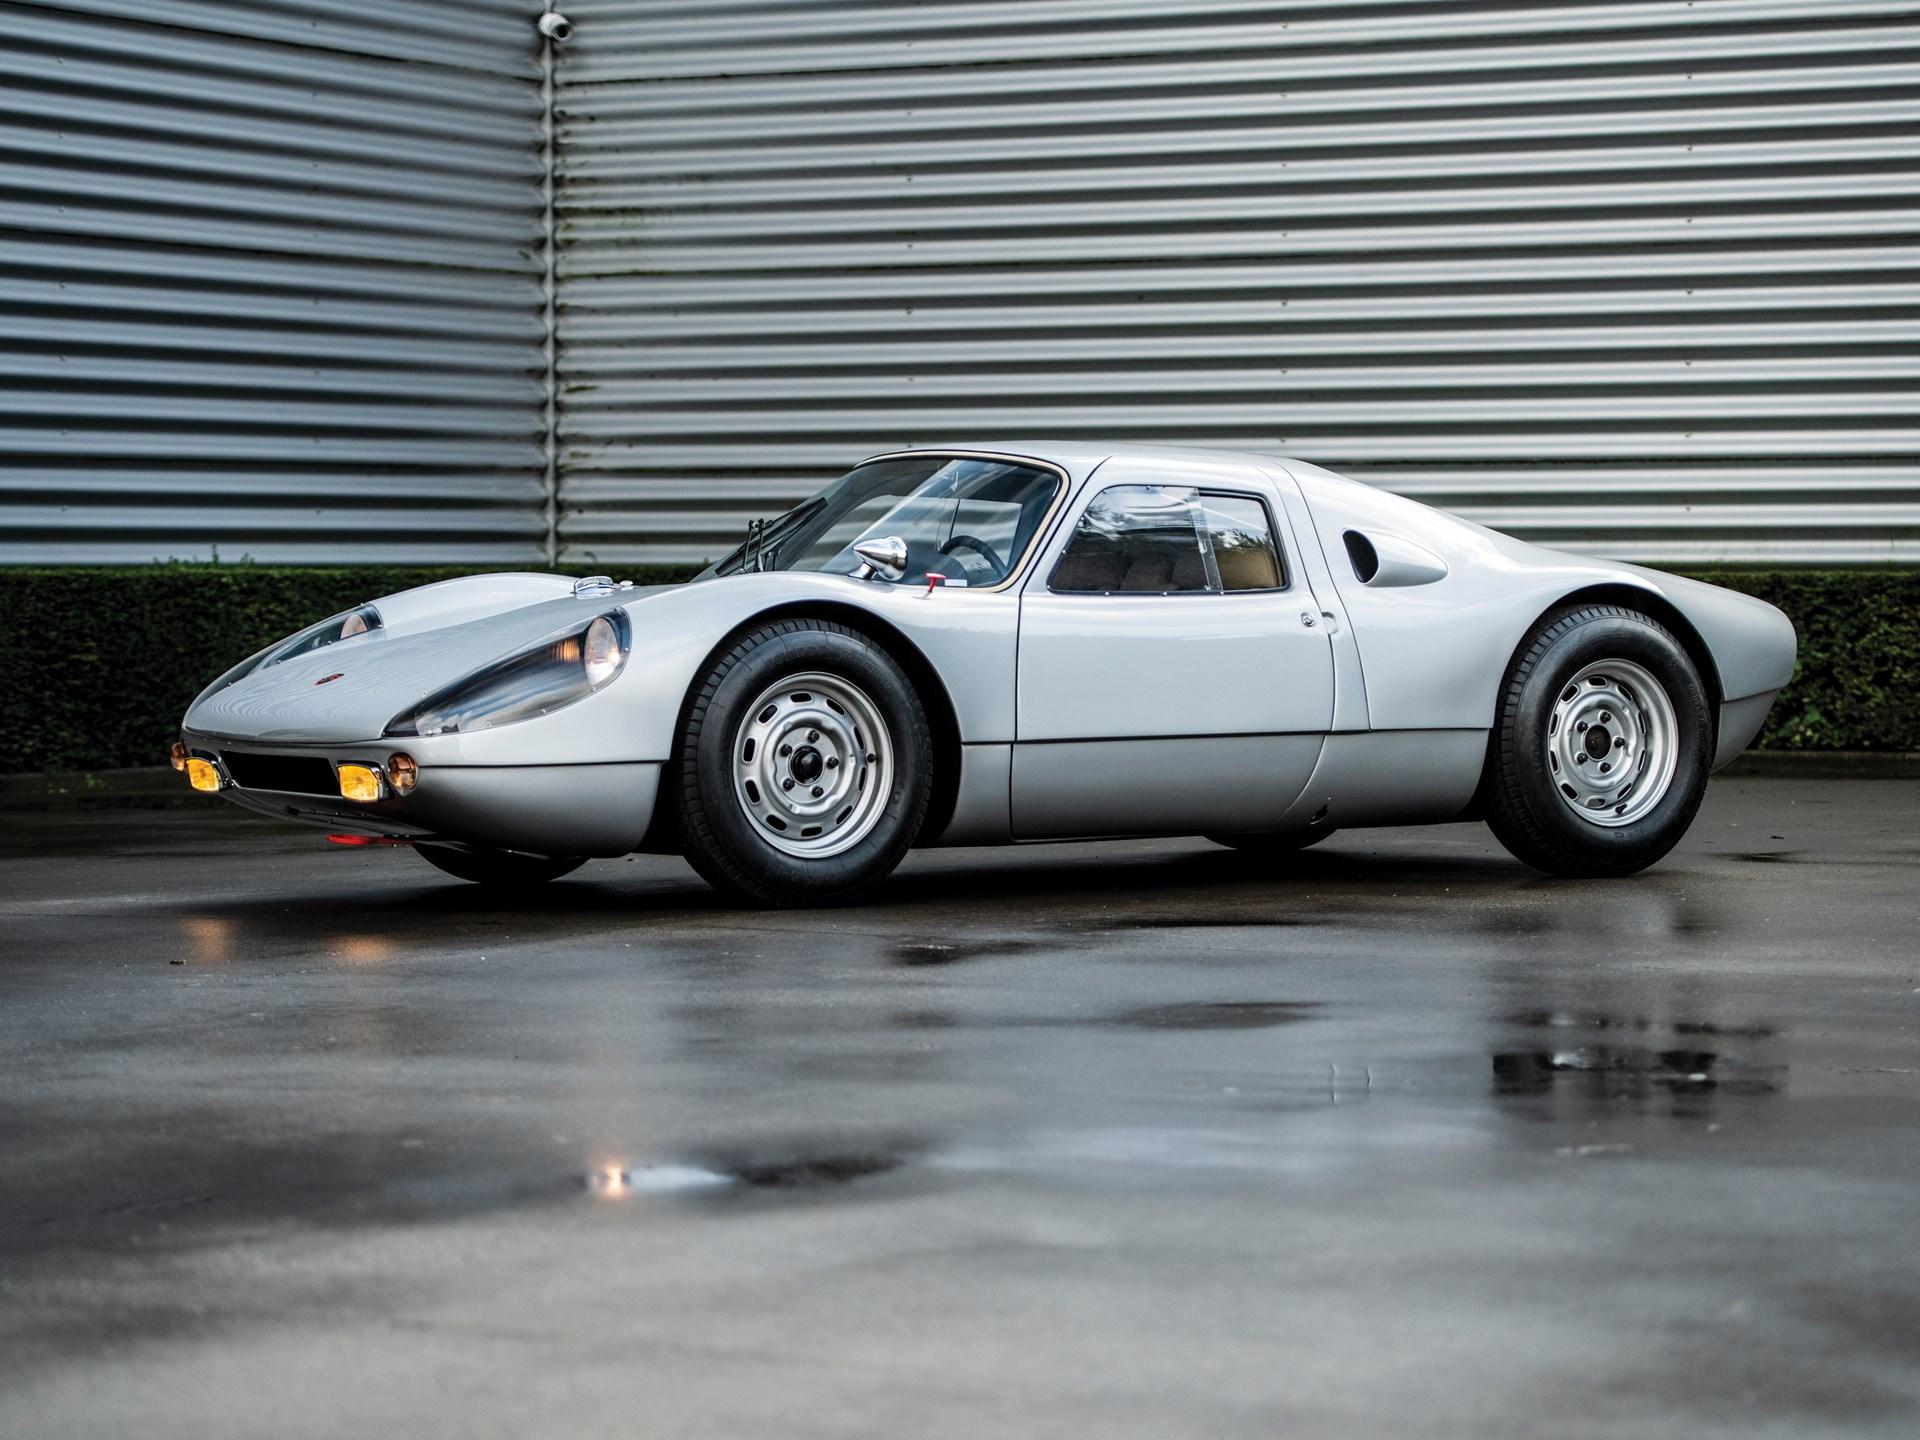 Porsche-904-Carrera-GTS-RM-Sothebys-19.j